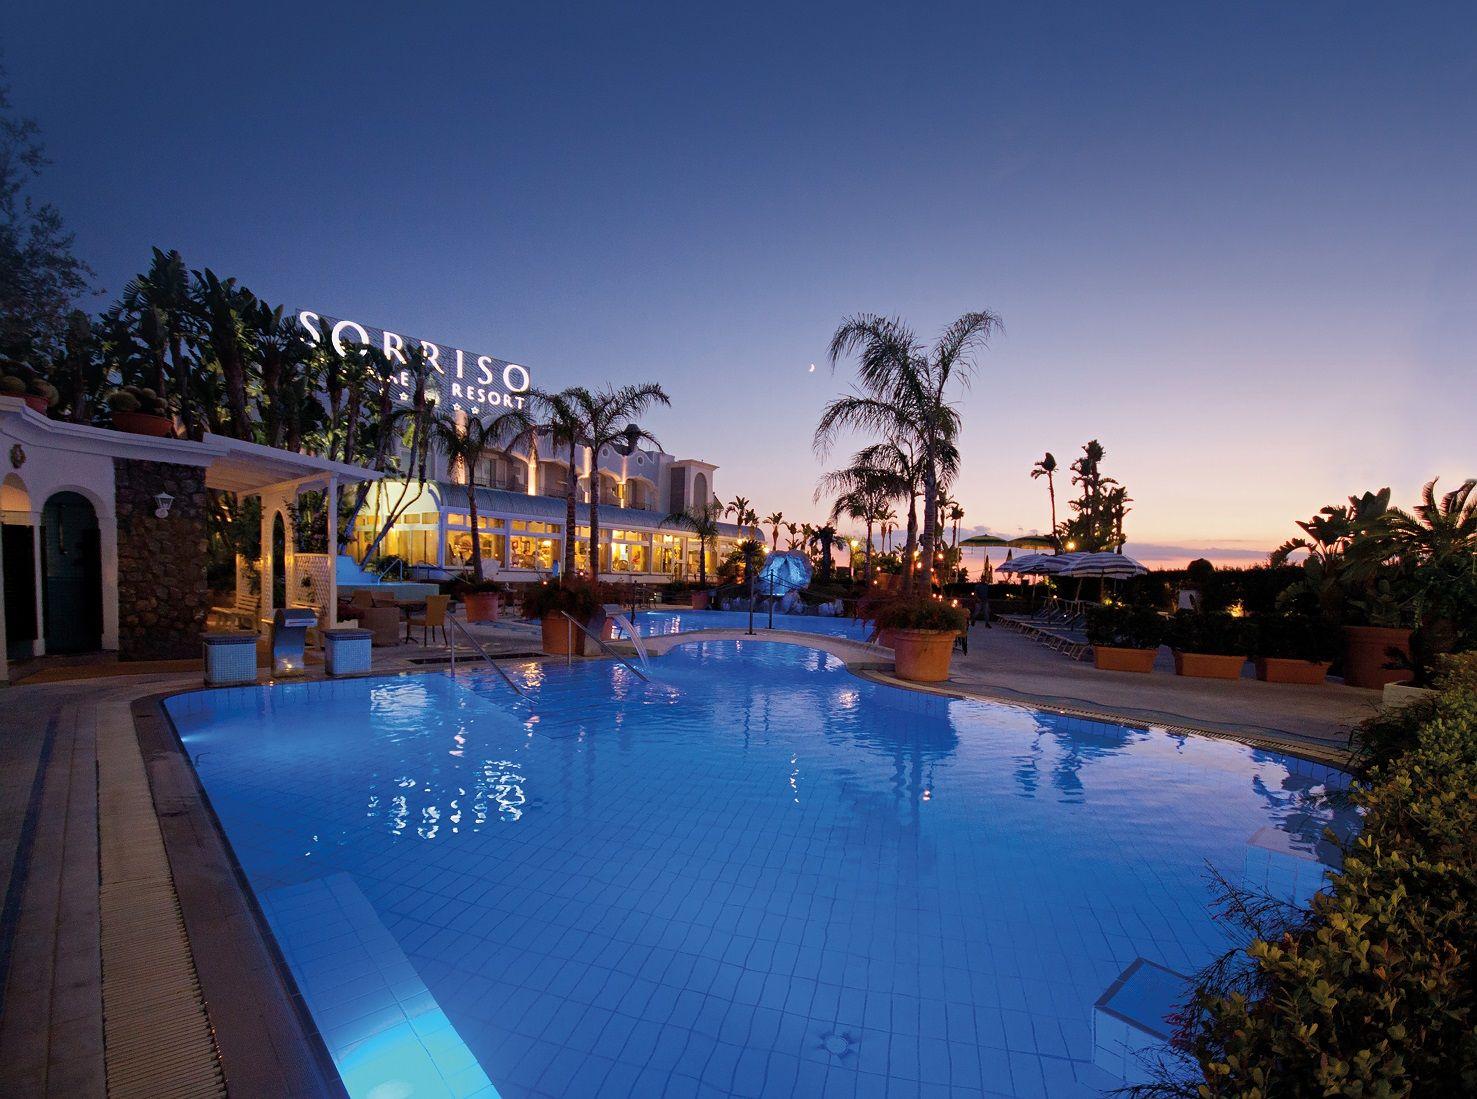 Sorriso Thermae Resort & Spa (Forio d' Ischia Baia di ...